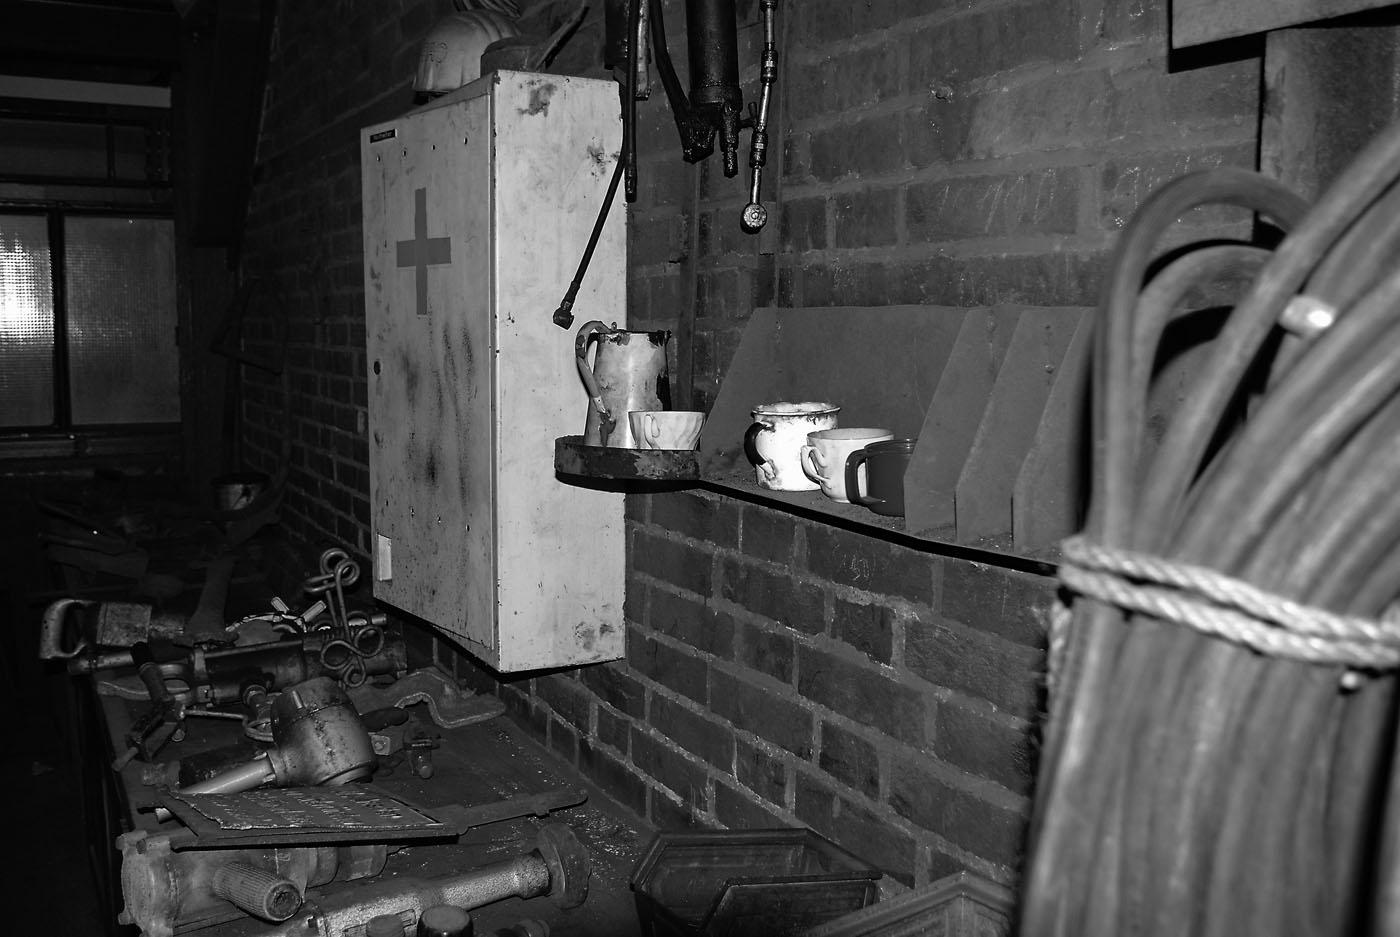 Werkbank in der Zeche Zollverein